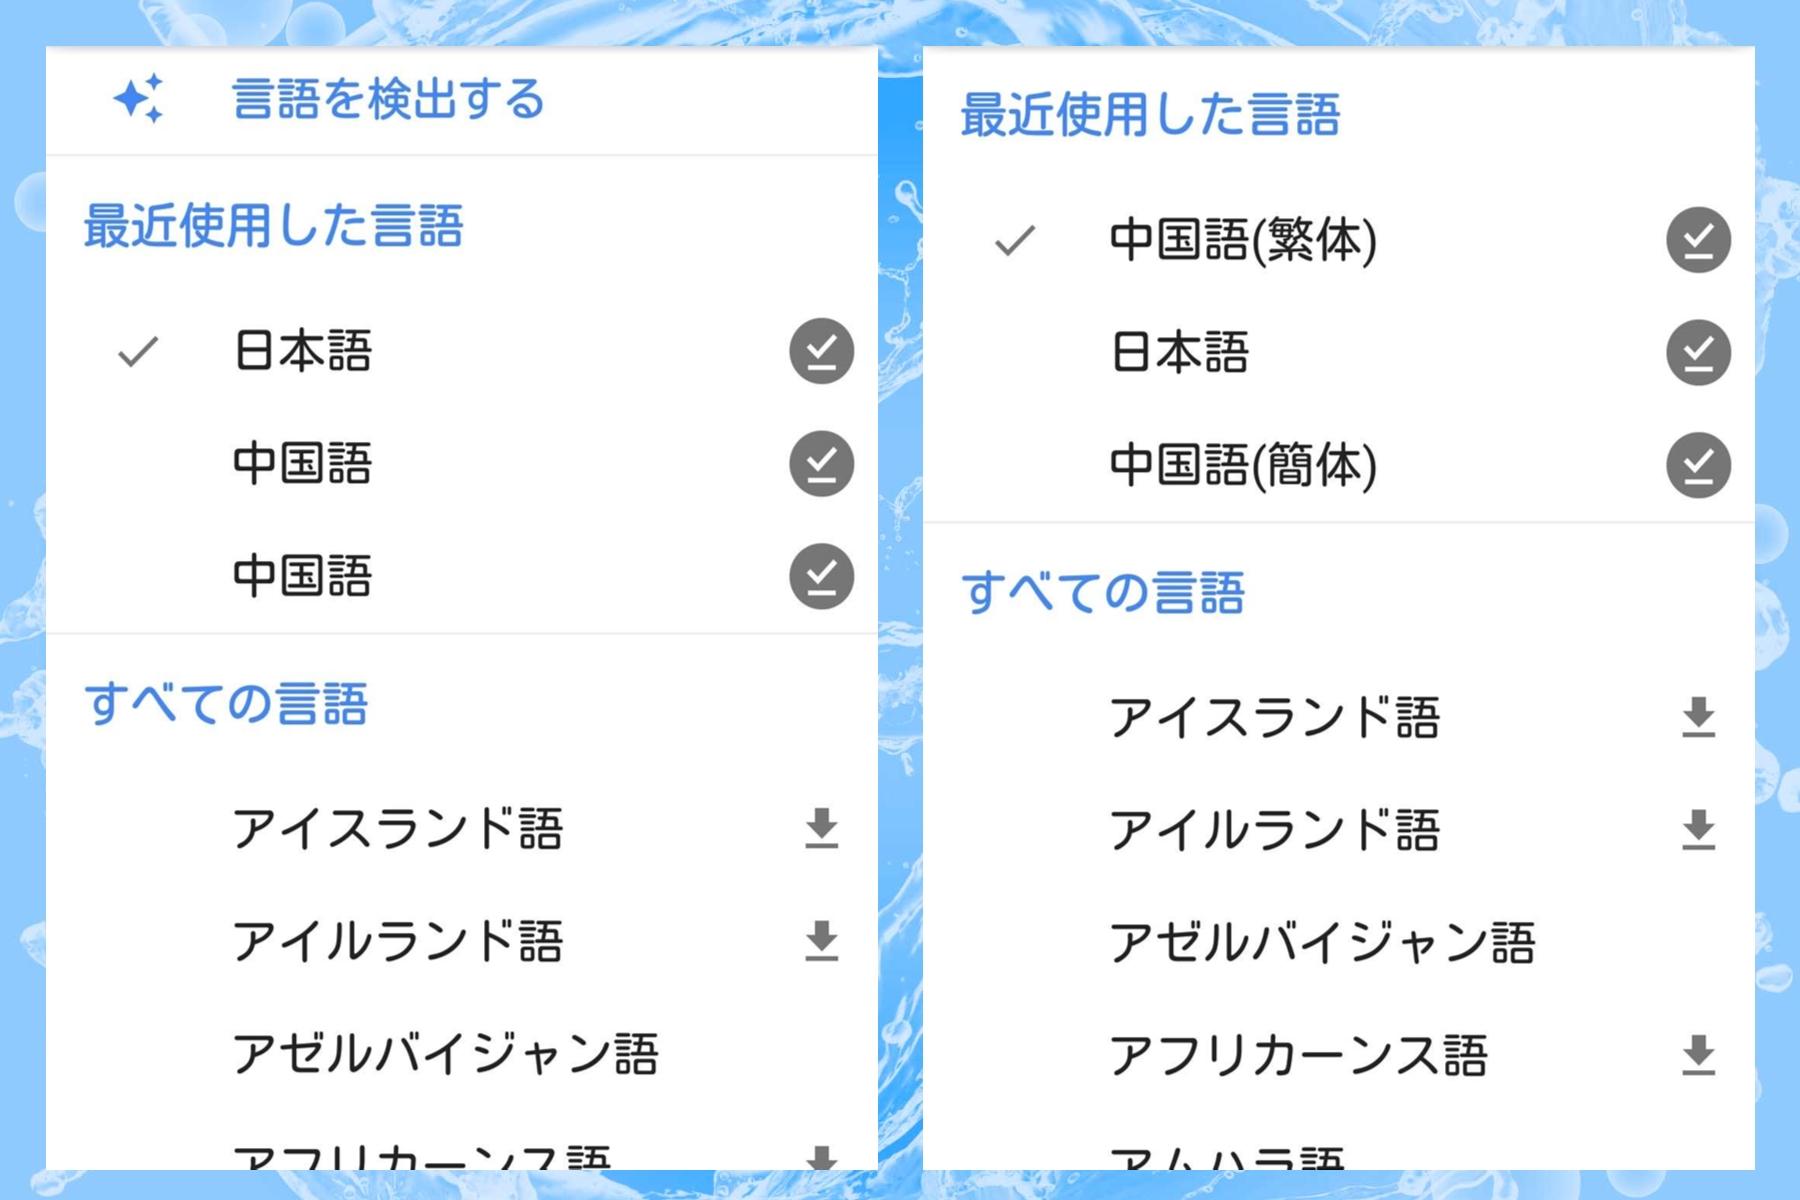 Google_002.jpg